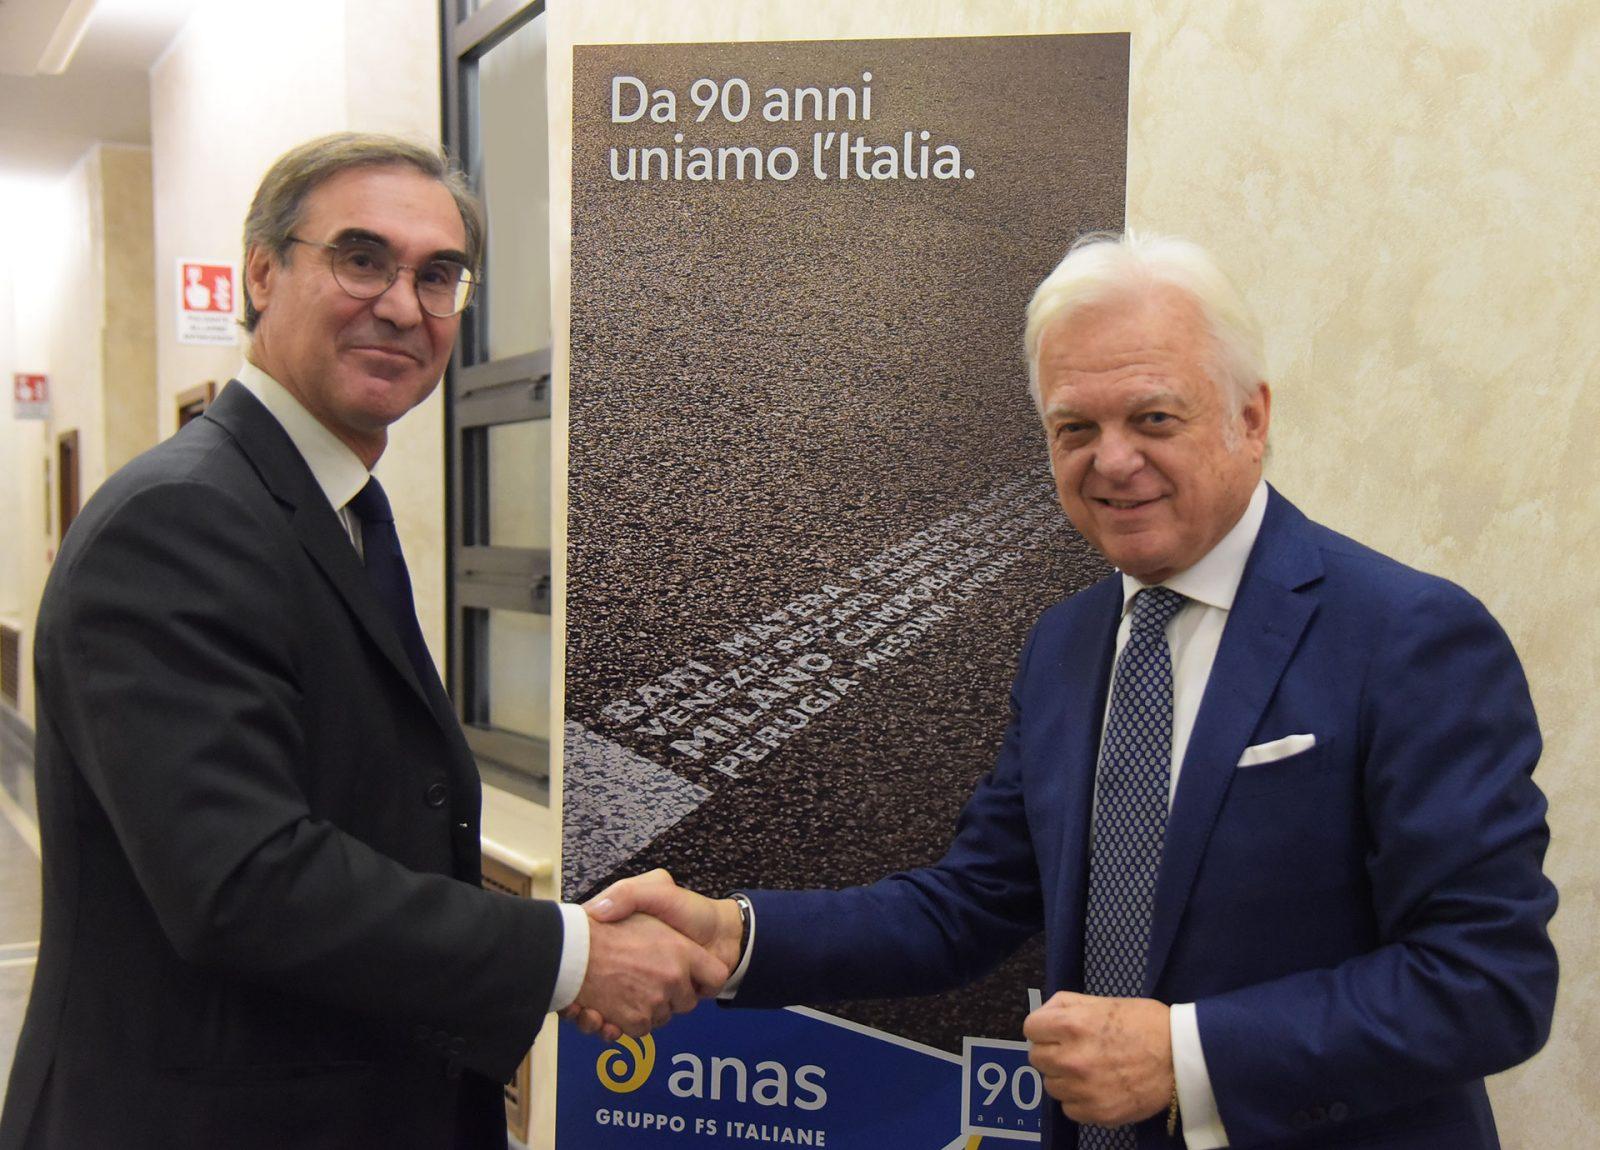 Anas, l'amministratore delegato Massimo Simonini e il presidente Claudio Andrea Gemme (Archivio Anas)